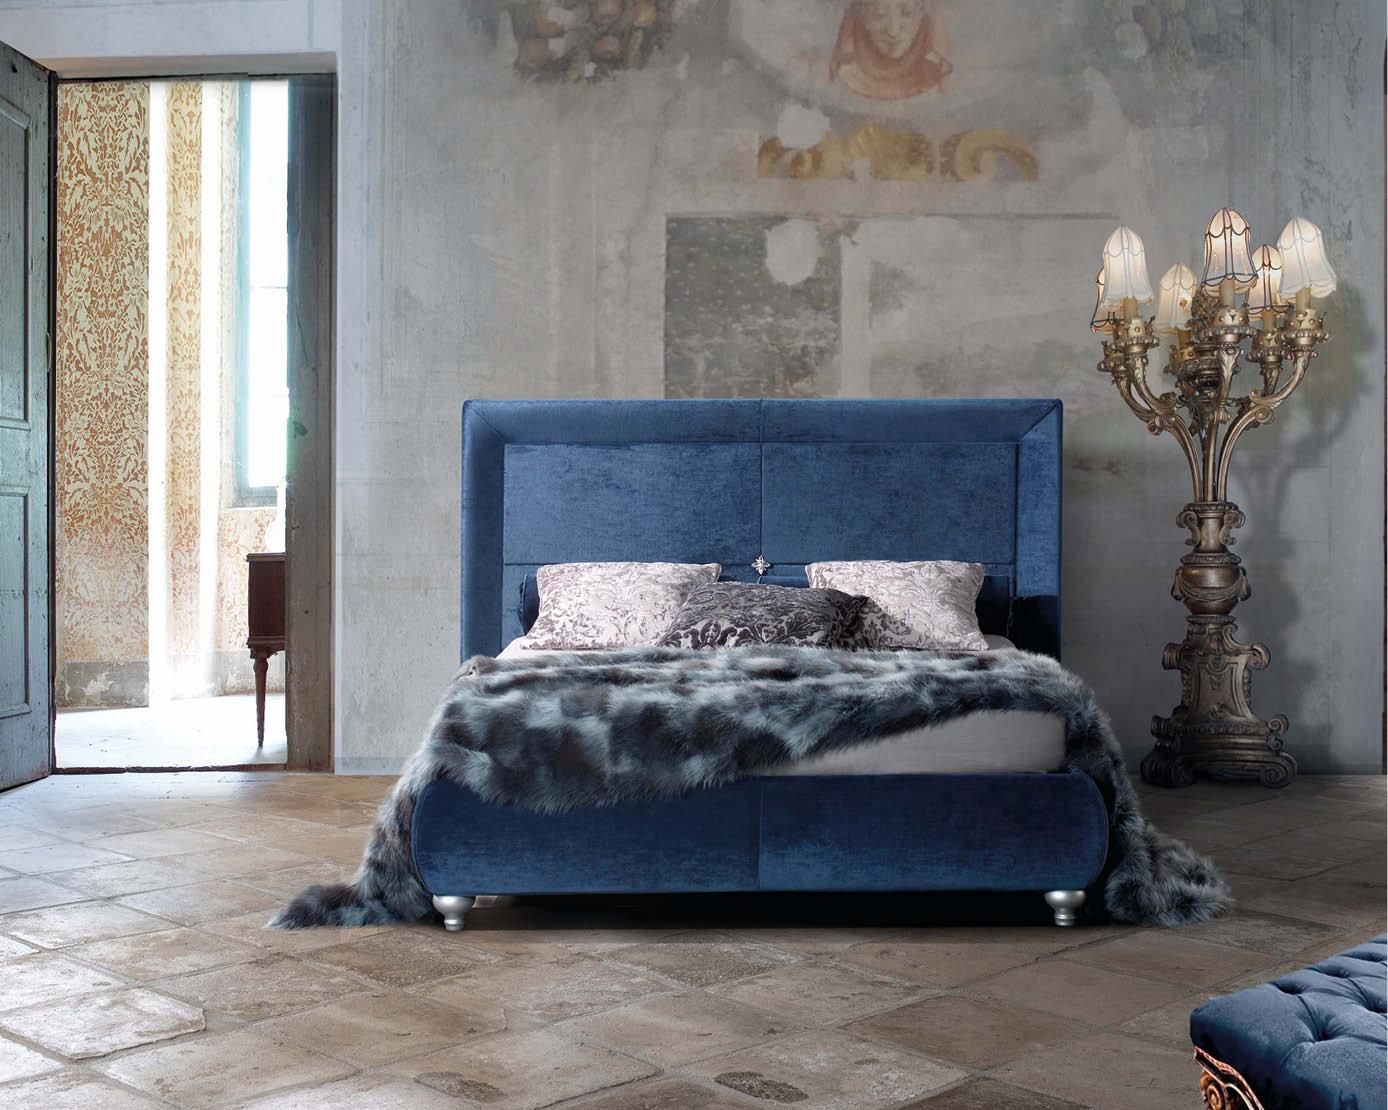 Quadro sopra letto affordable quadri sacri per camera da letto dipinti per camera da letto with - Quadri sopra il letto ...